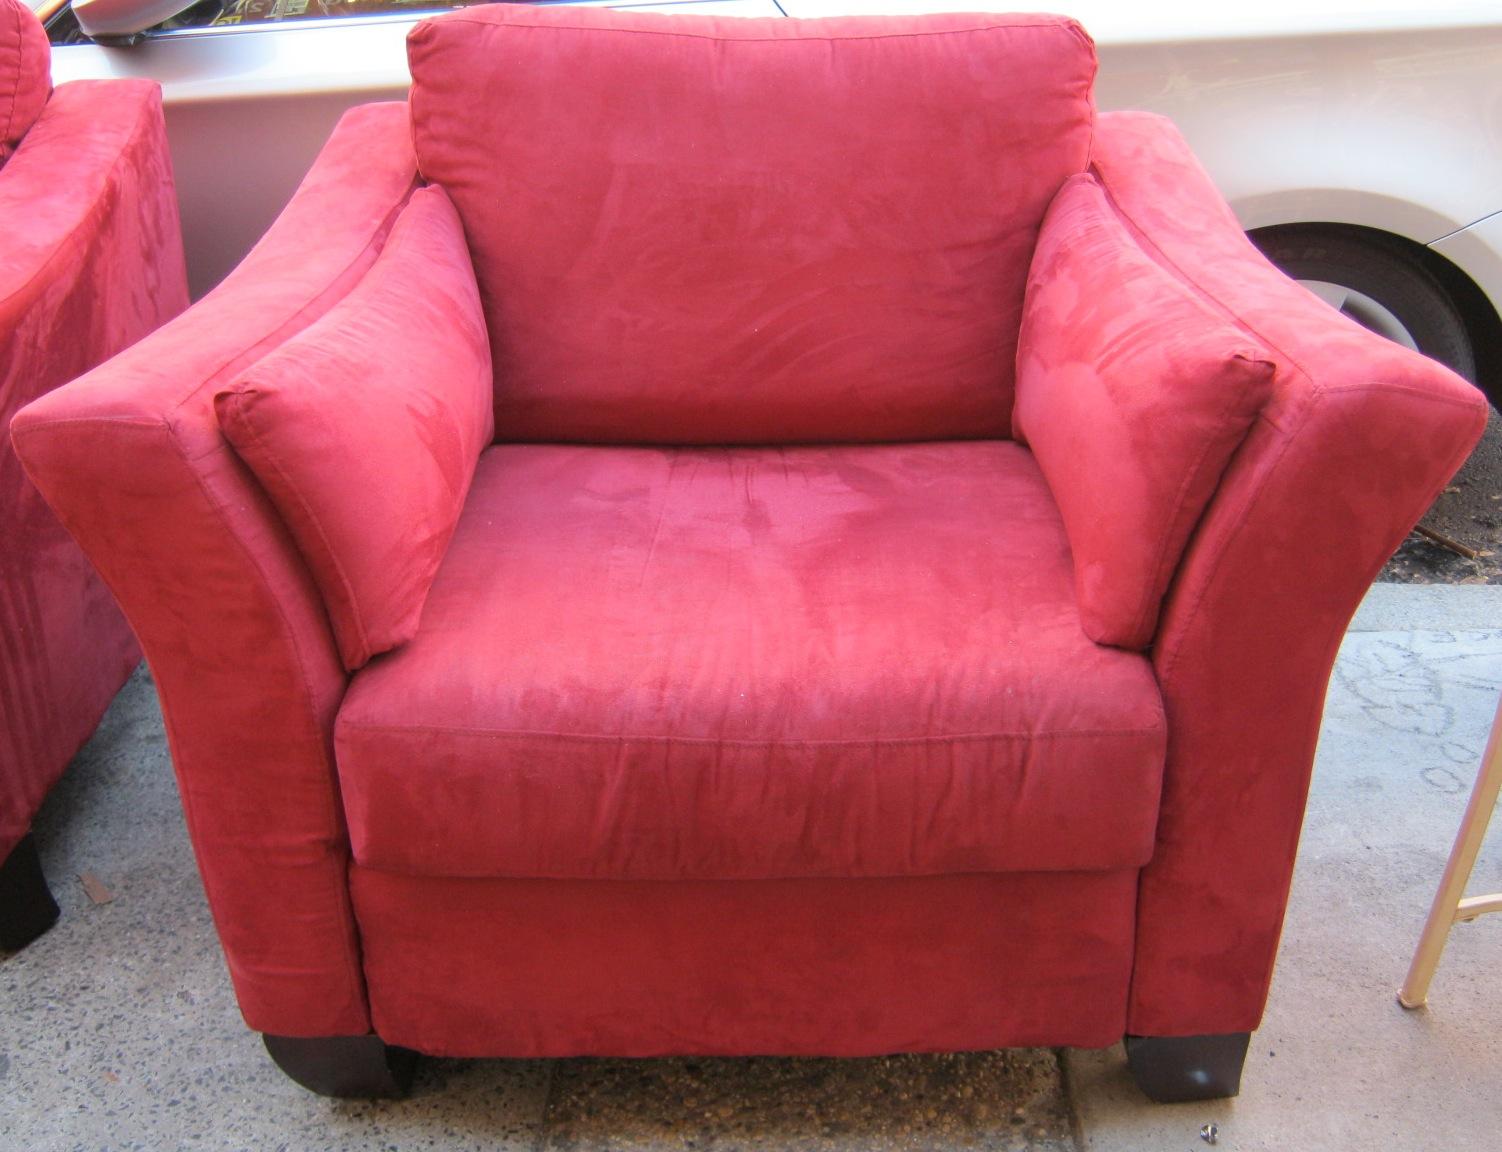 Red Microfiber Sofa Elegant Convertible Sectional Sofa W